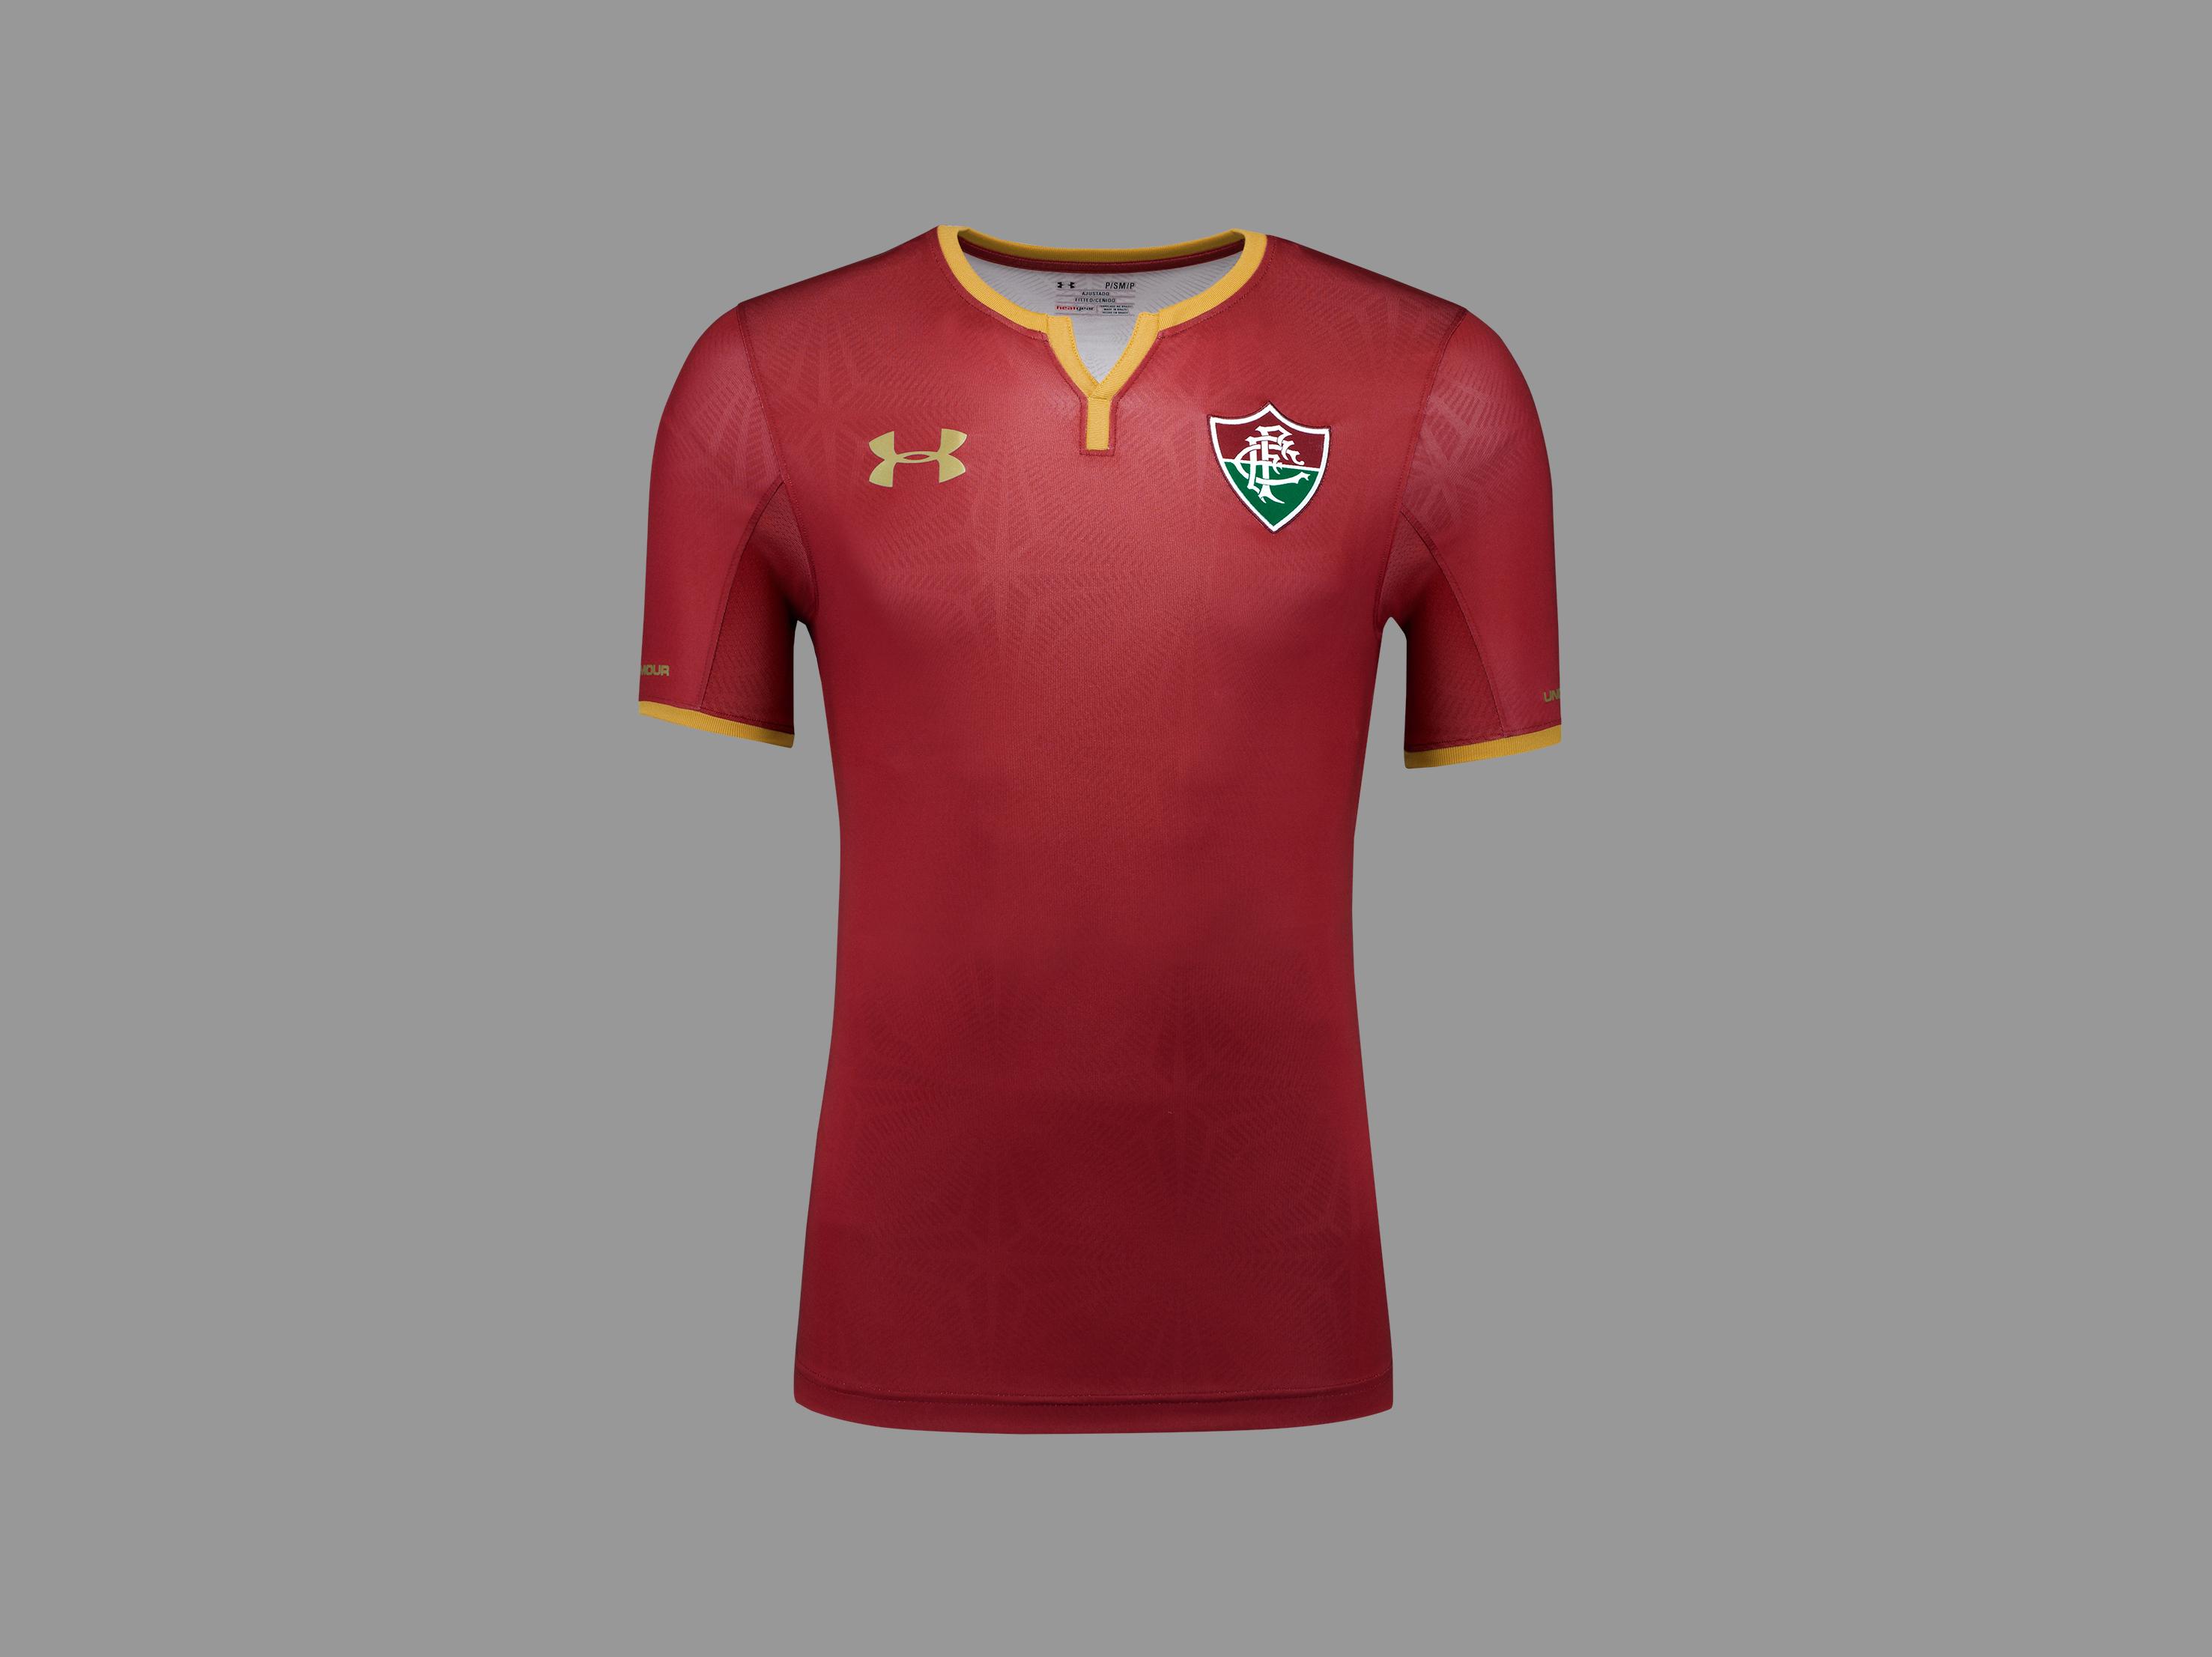 O grená é a inspiração da nova camisa 3 do Fluminense. Apresentado pela Under  Armour nesta terça-feira na campanha